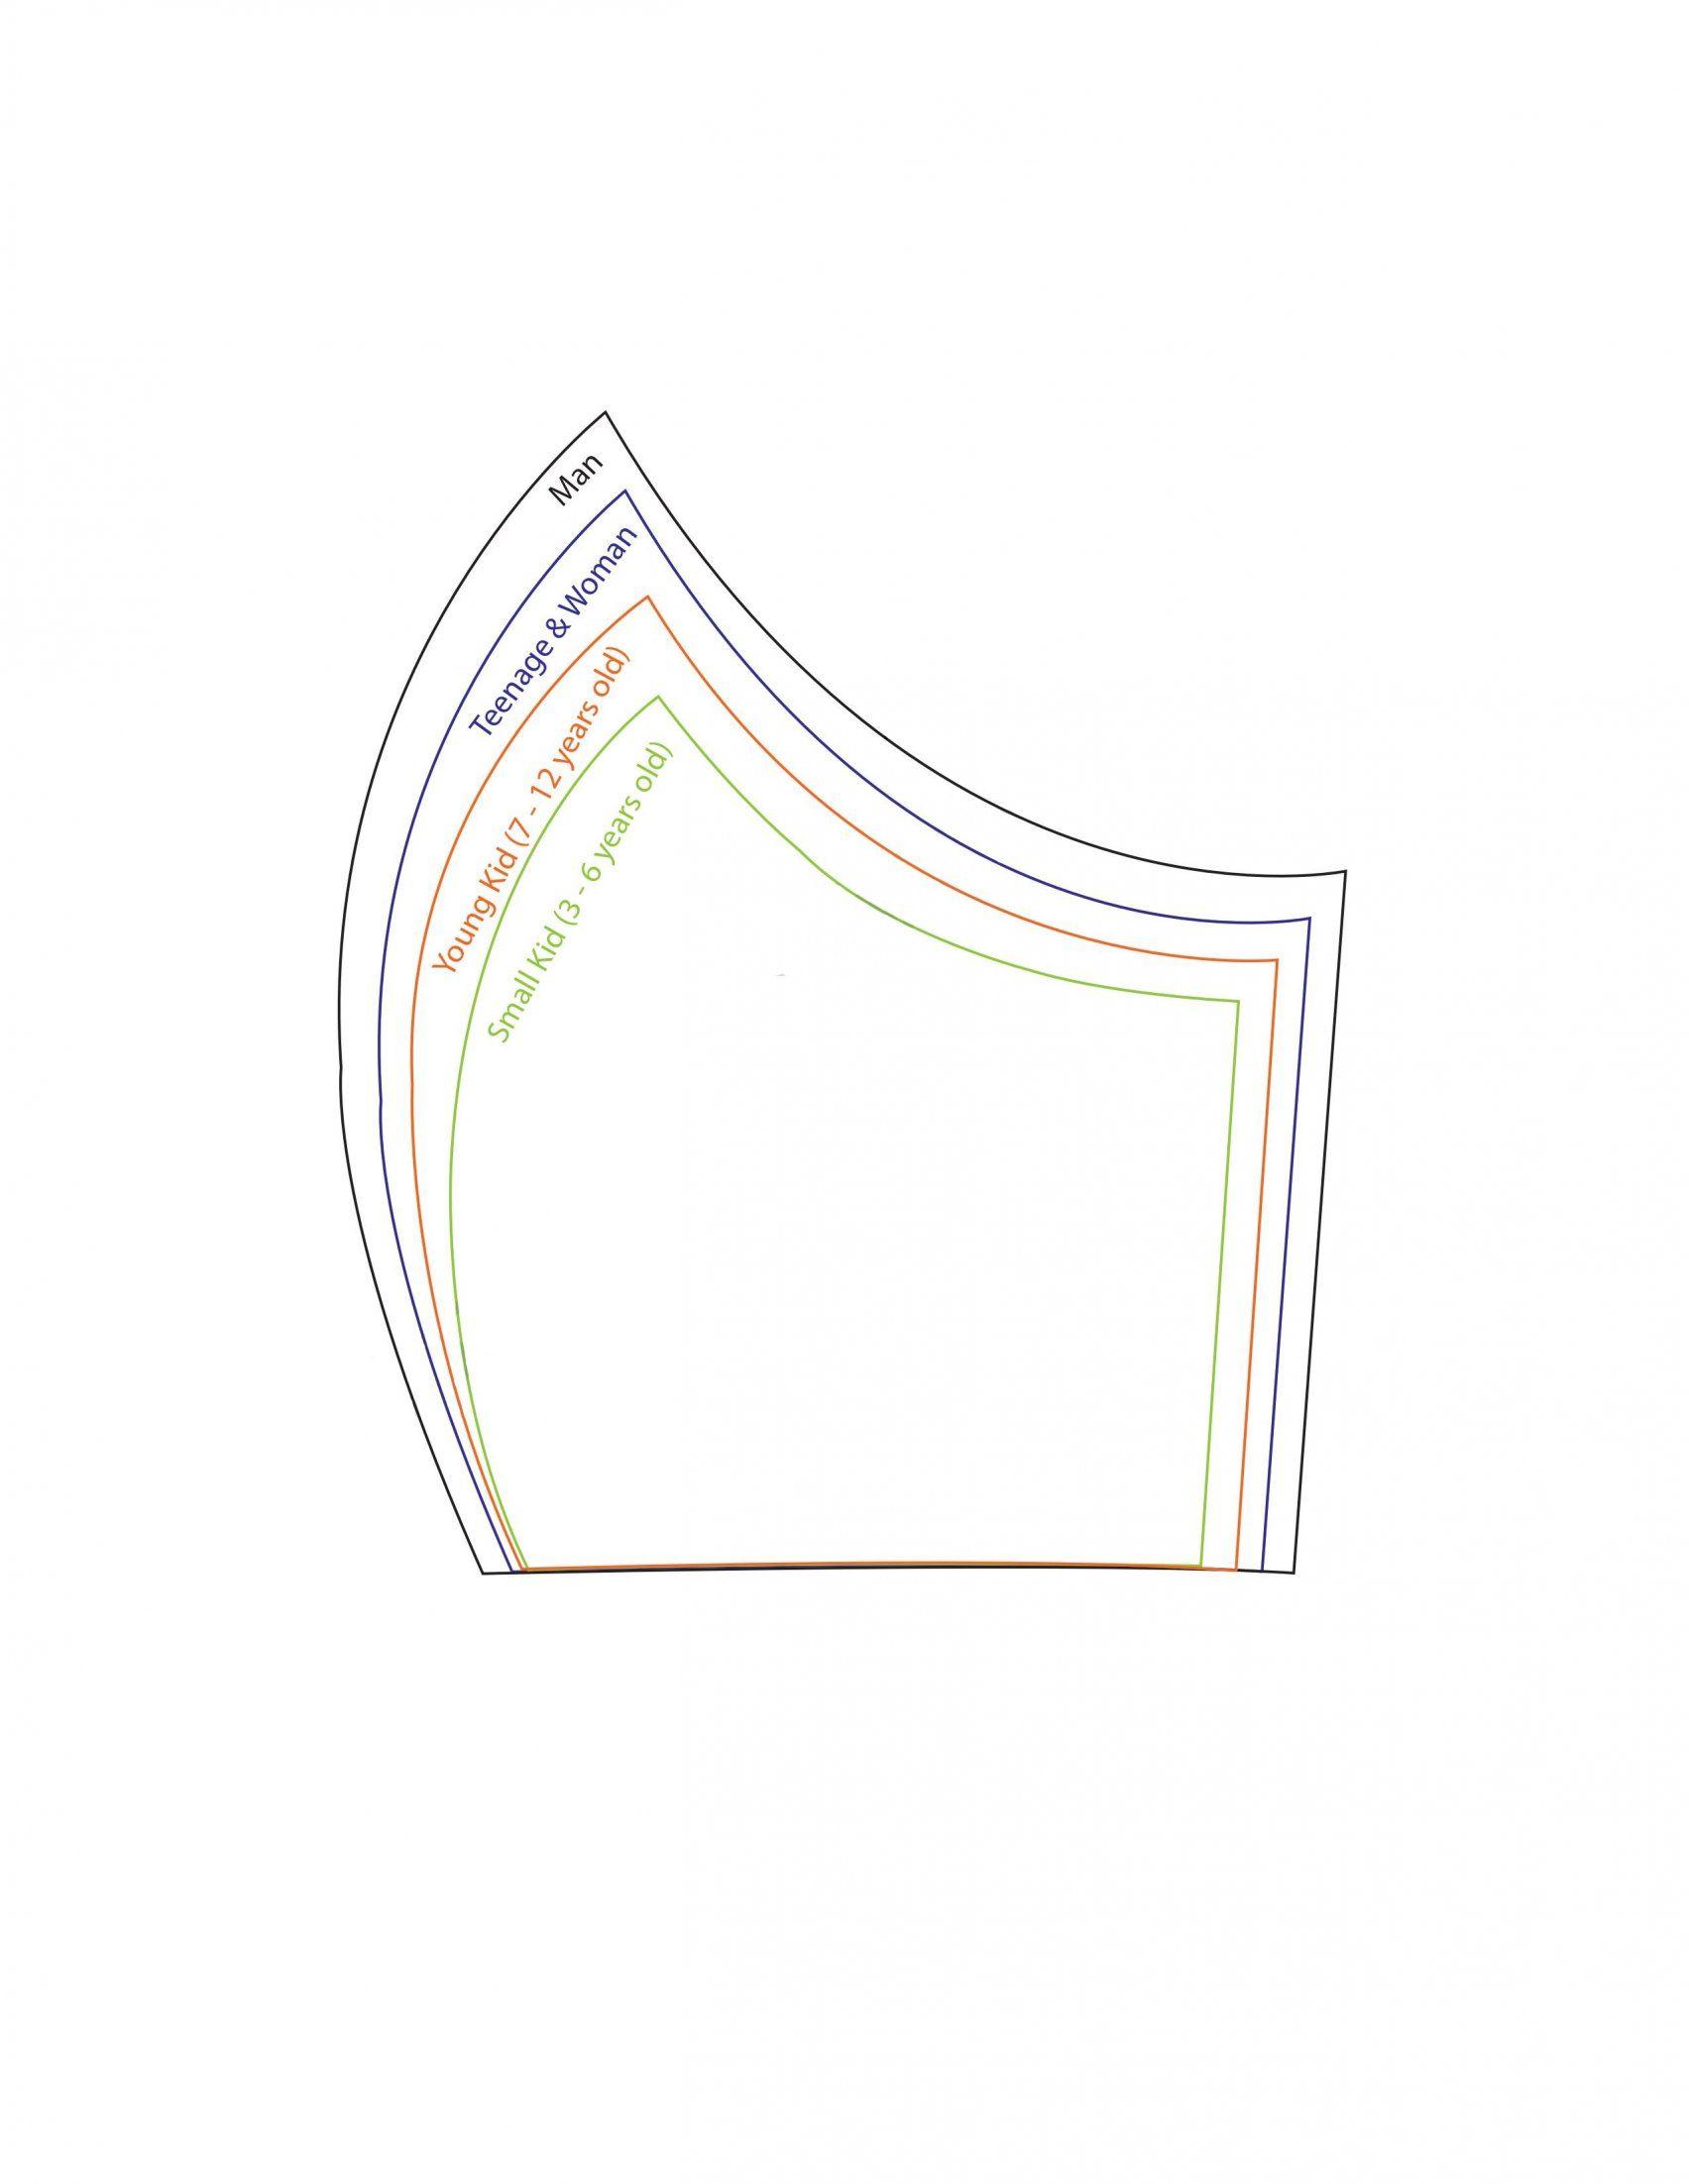 Медицинская маска для лица своими руками: делимся выкройками и проверенными способами изготовления-0001-jpg.14448